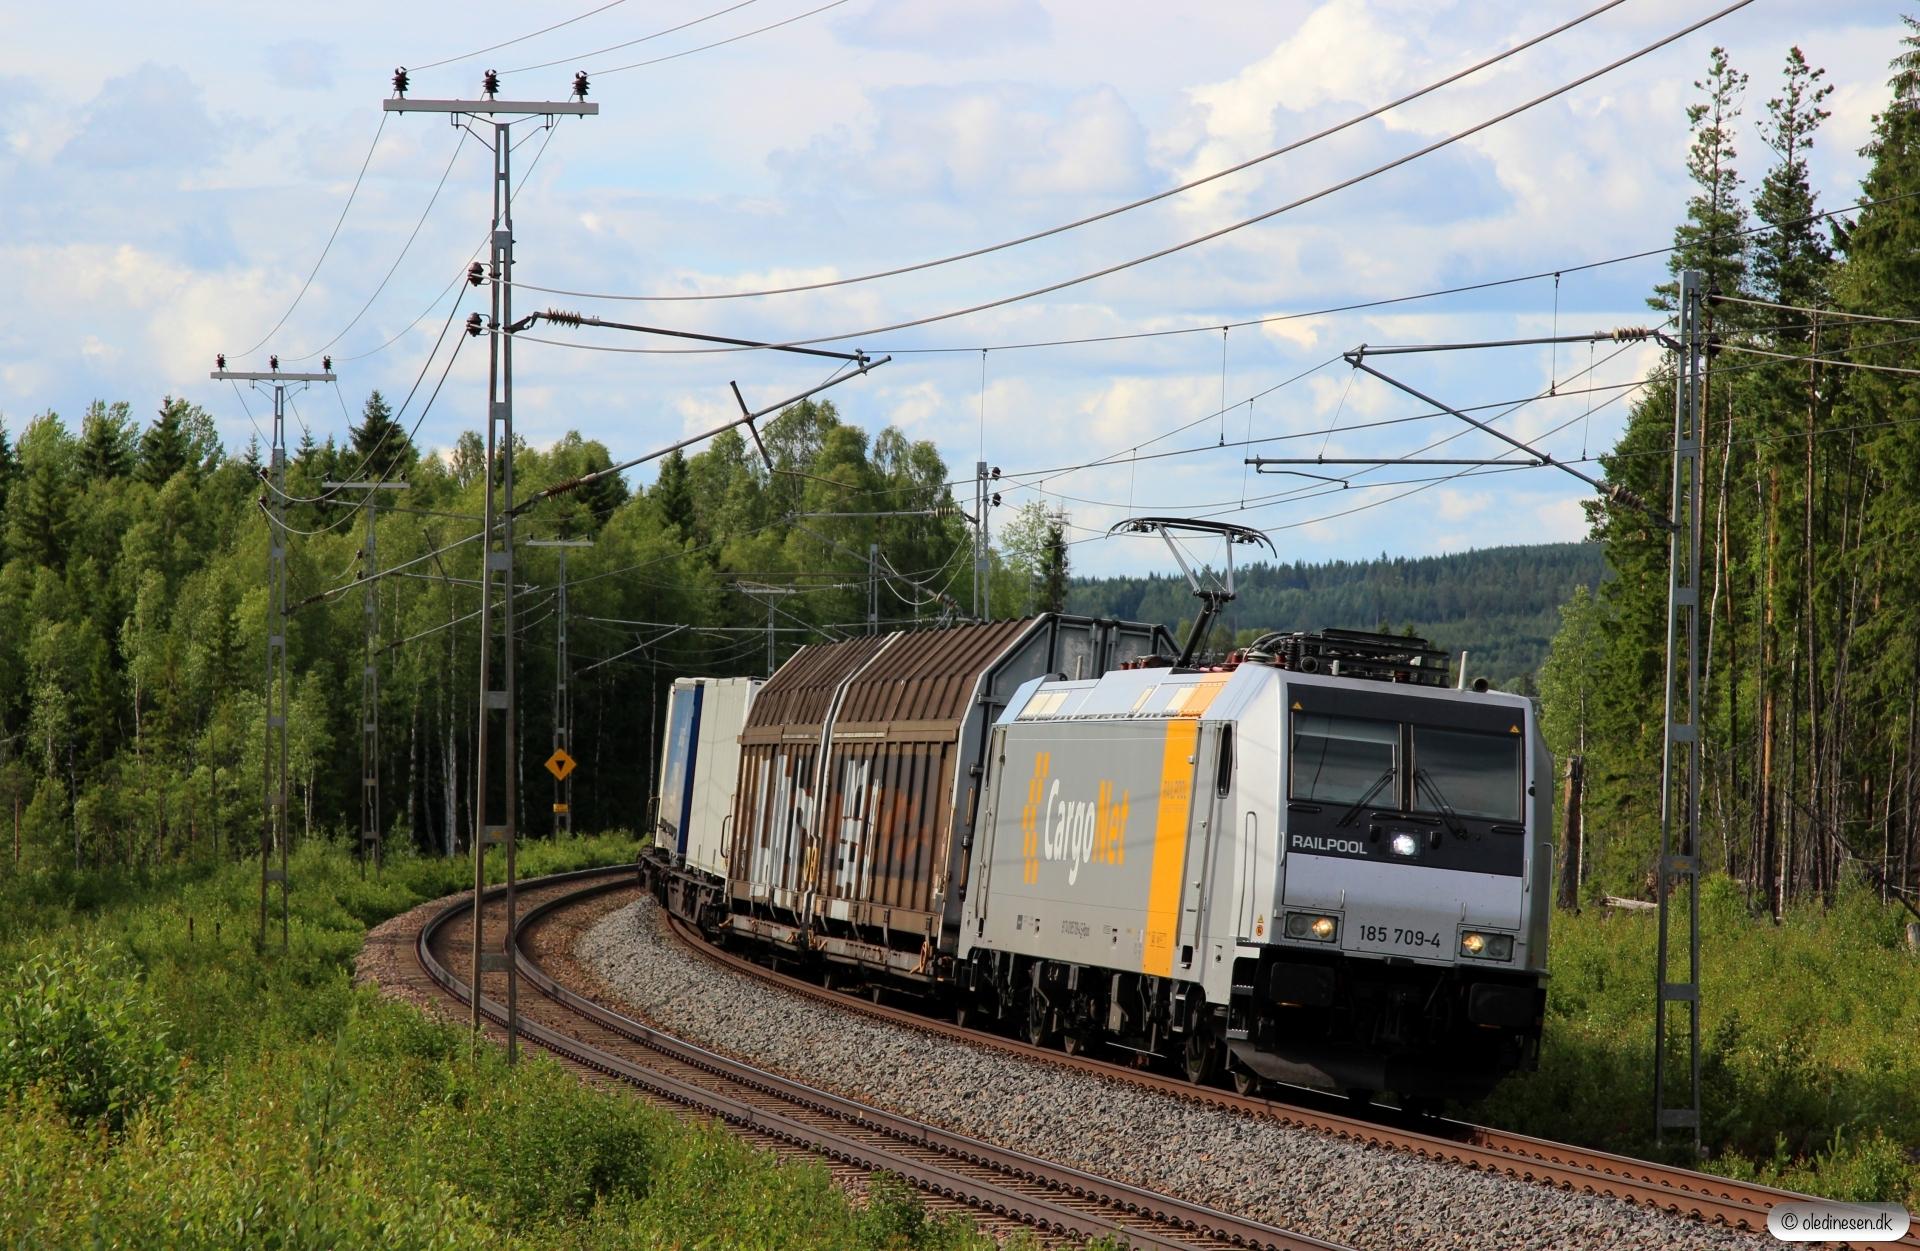 CN 185 709-4 med GT 41917. Östevall - Juån 18.06.2018.